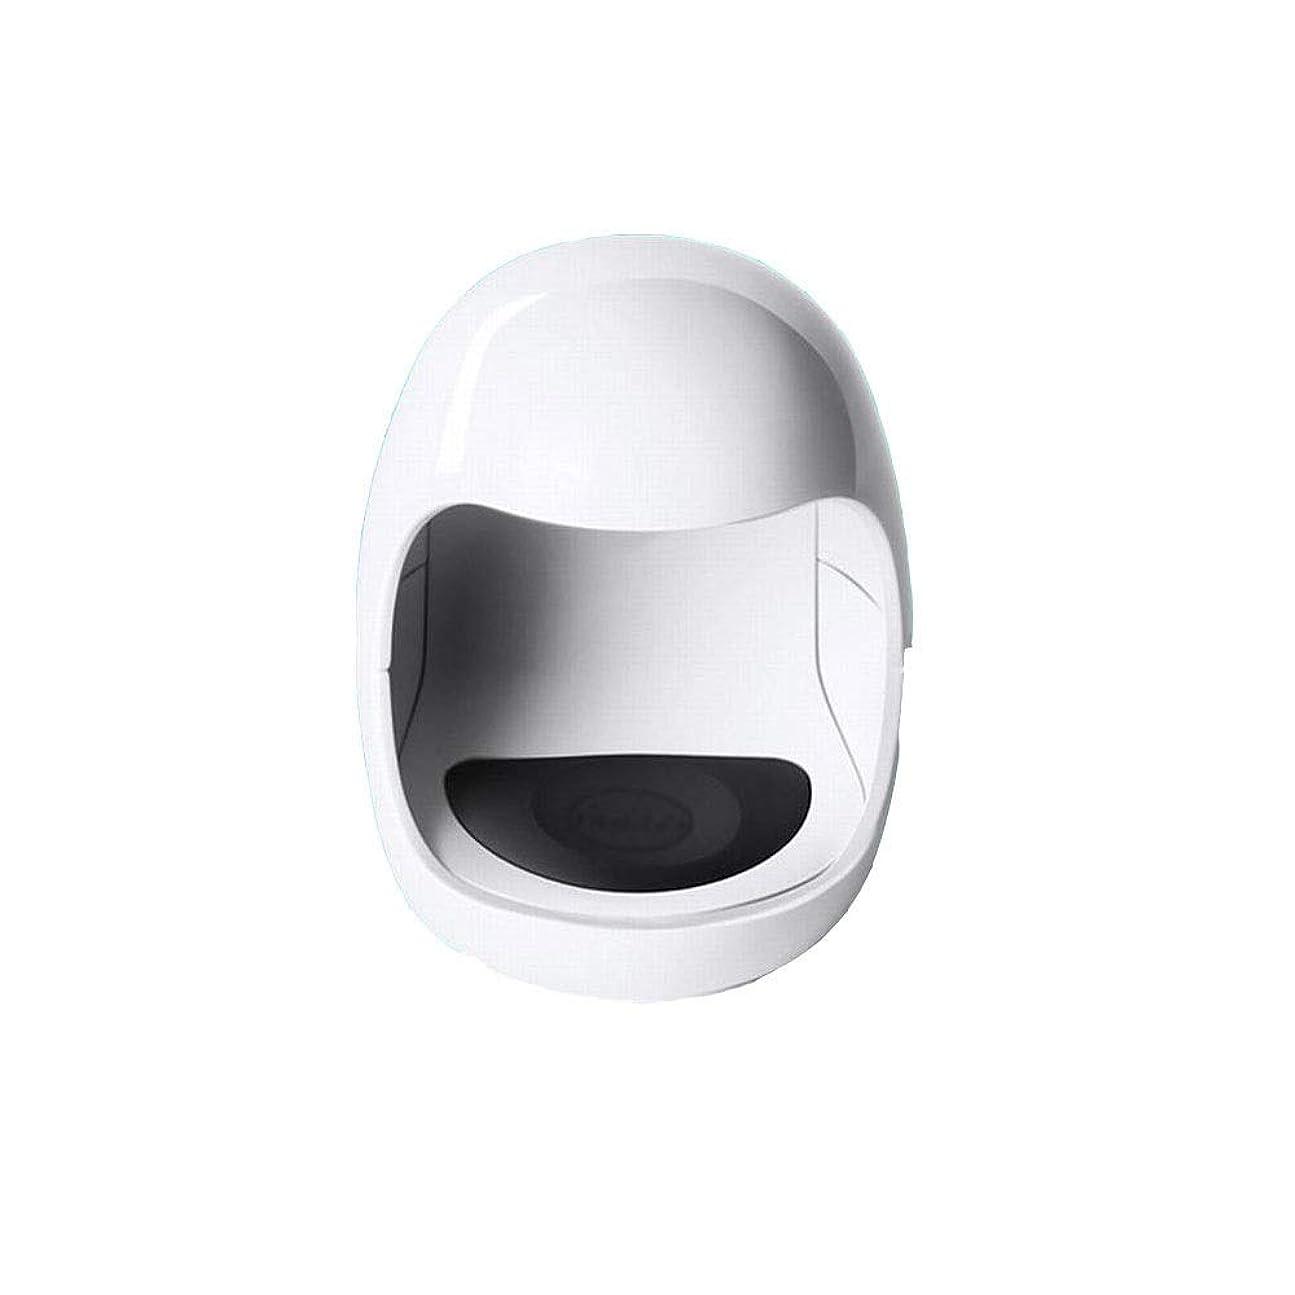 お手入れ社会押すYESONEEP ミニ光線療法機ミニシングルフィンガーネイルライトセラピーライトUSB日光LED速乾性ネイルオイルグルーベーキングランプ (色 : White)